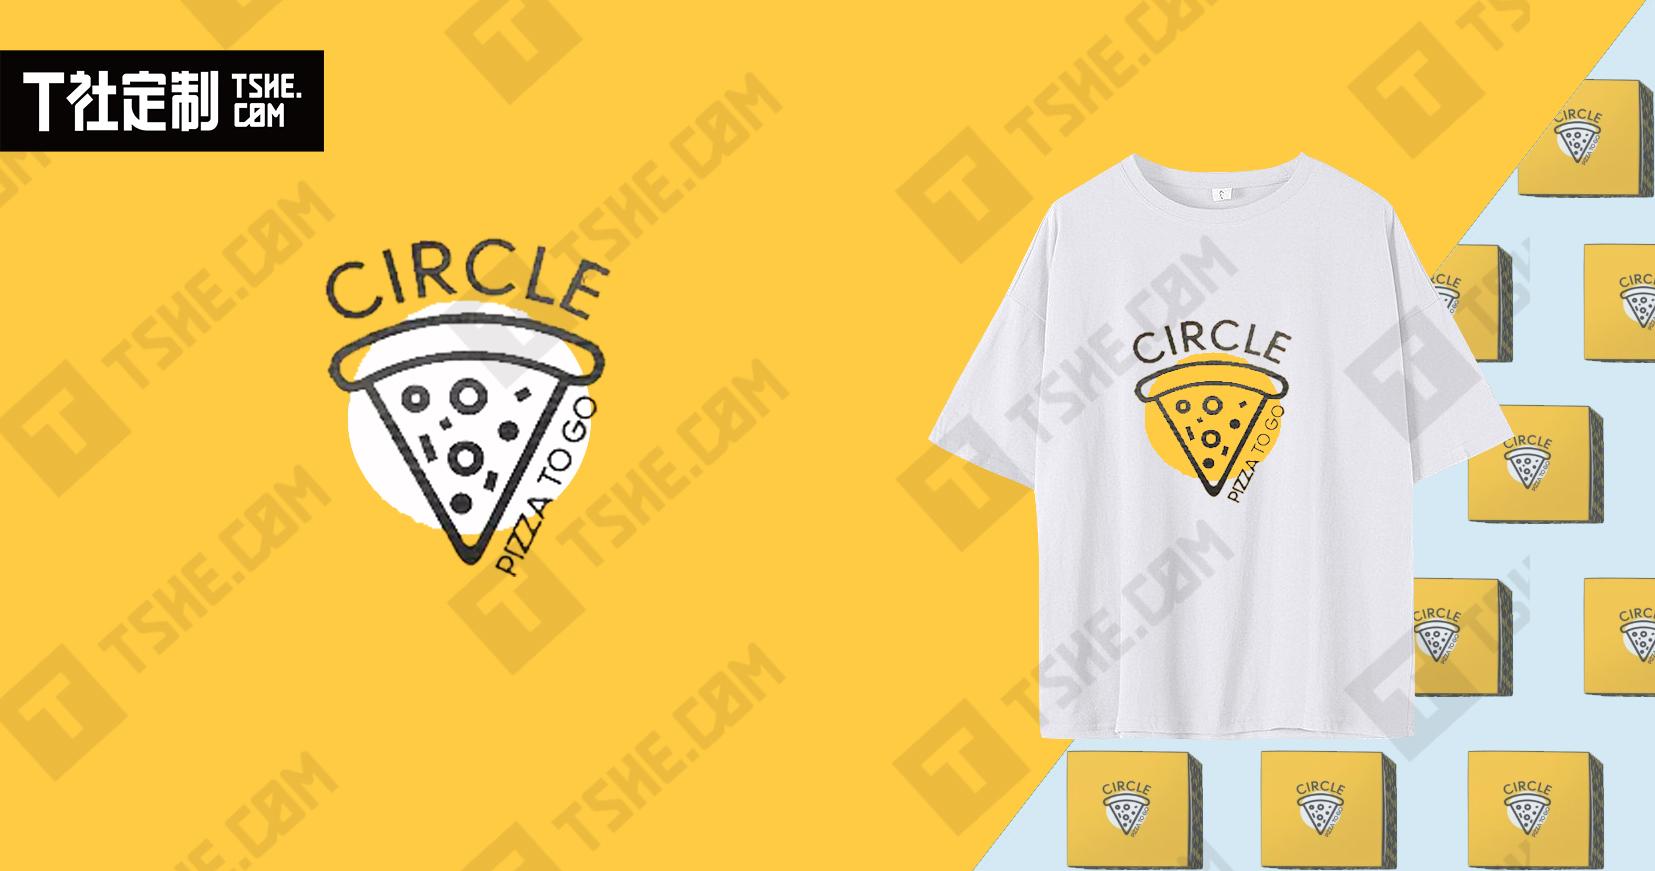 想定制優衣庫T恤一樣的衣服在哪定制?質量和優衣庫T恤差不多的